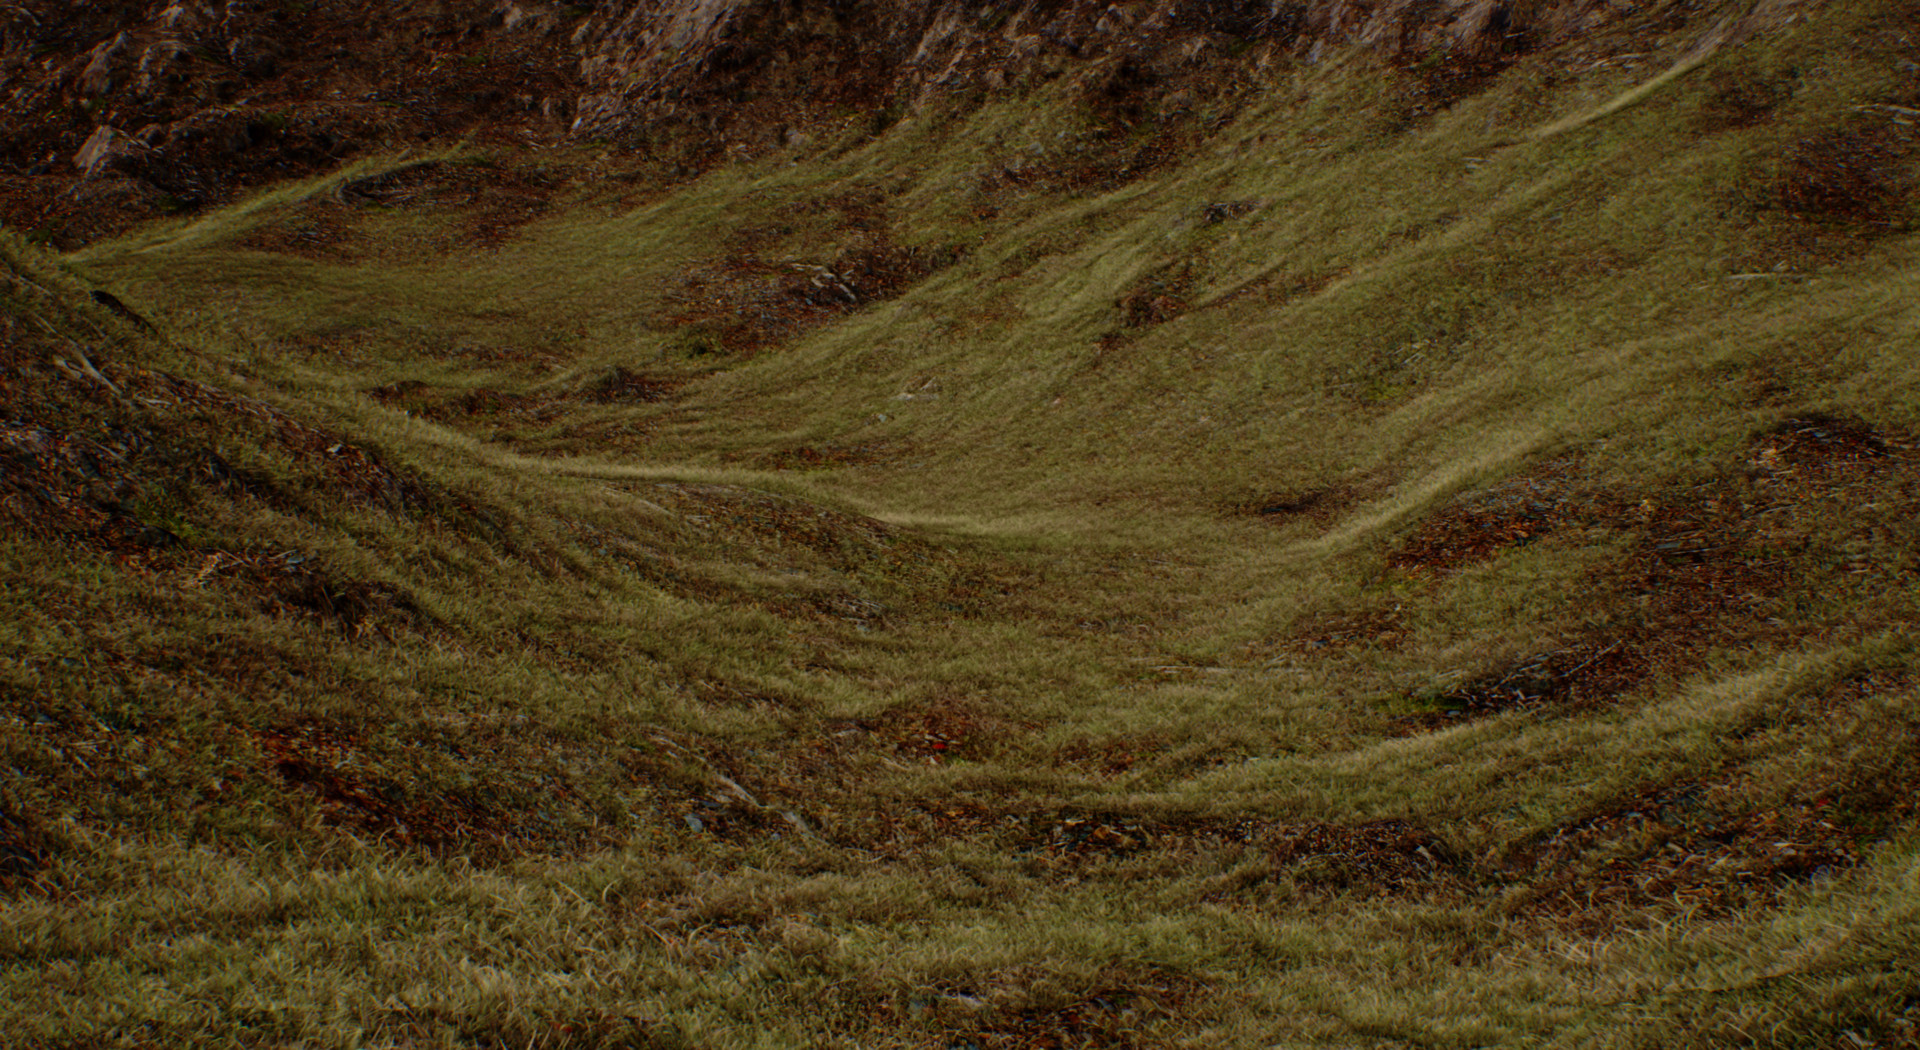 eoin-o-broin-grass-brigher-2